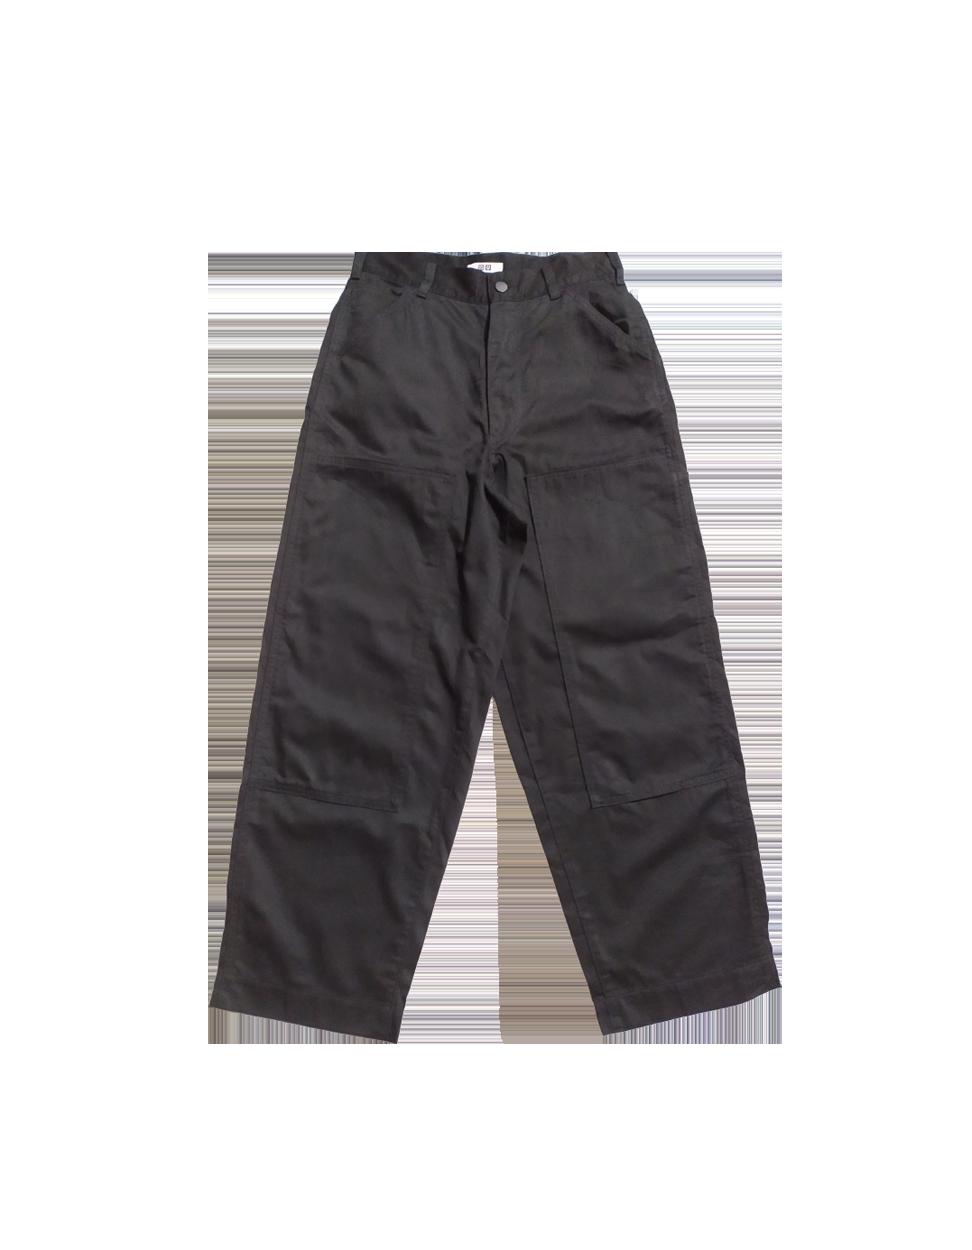 Uniqlo U Double knee Pants